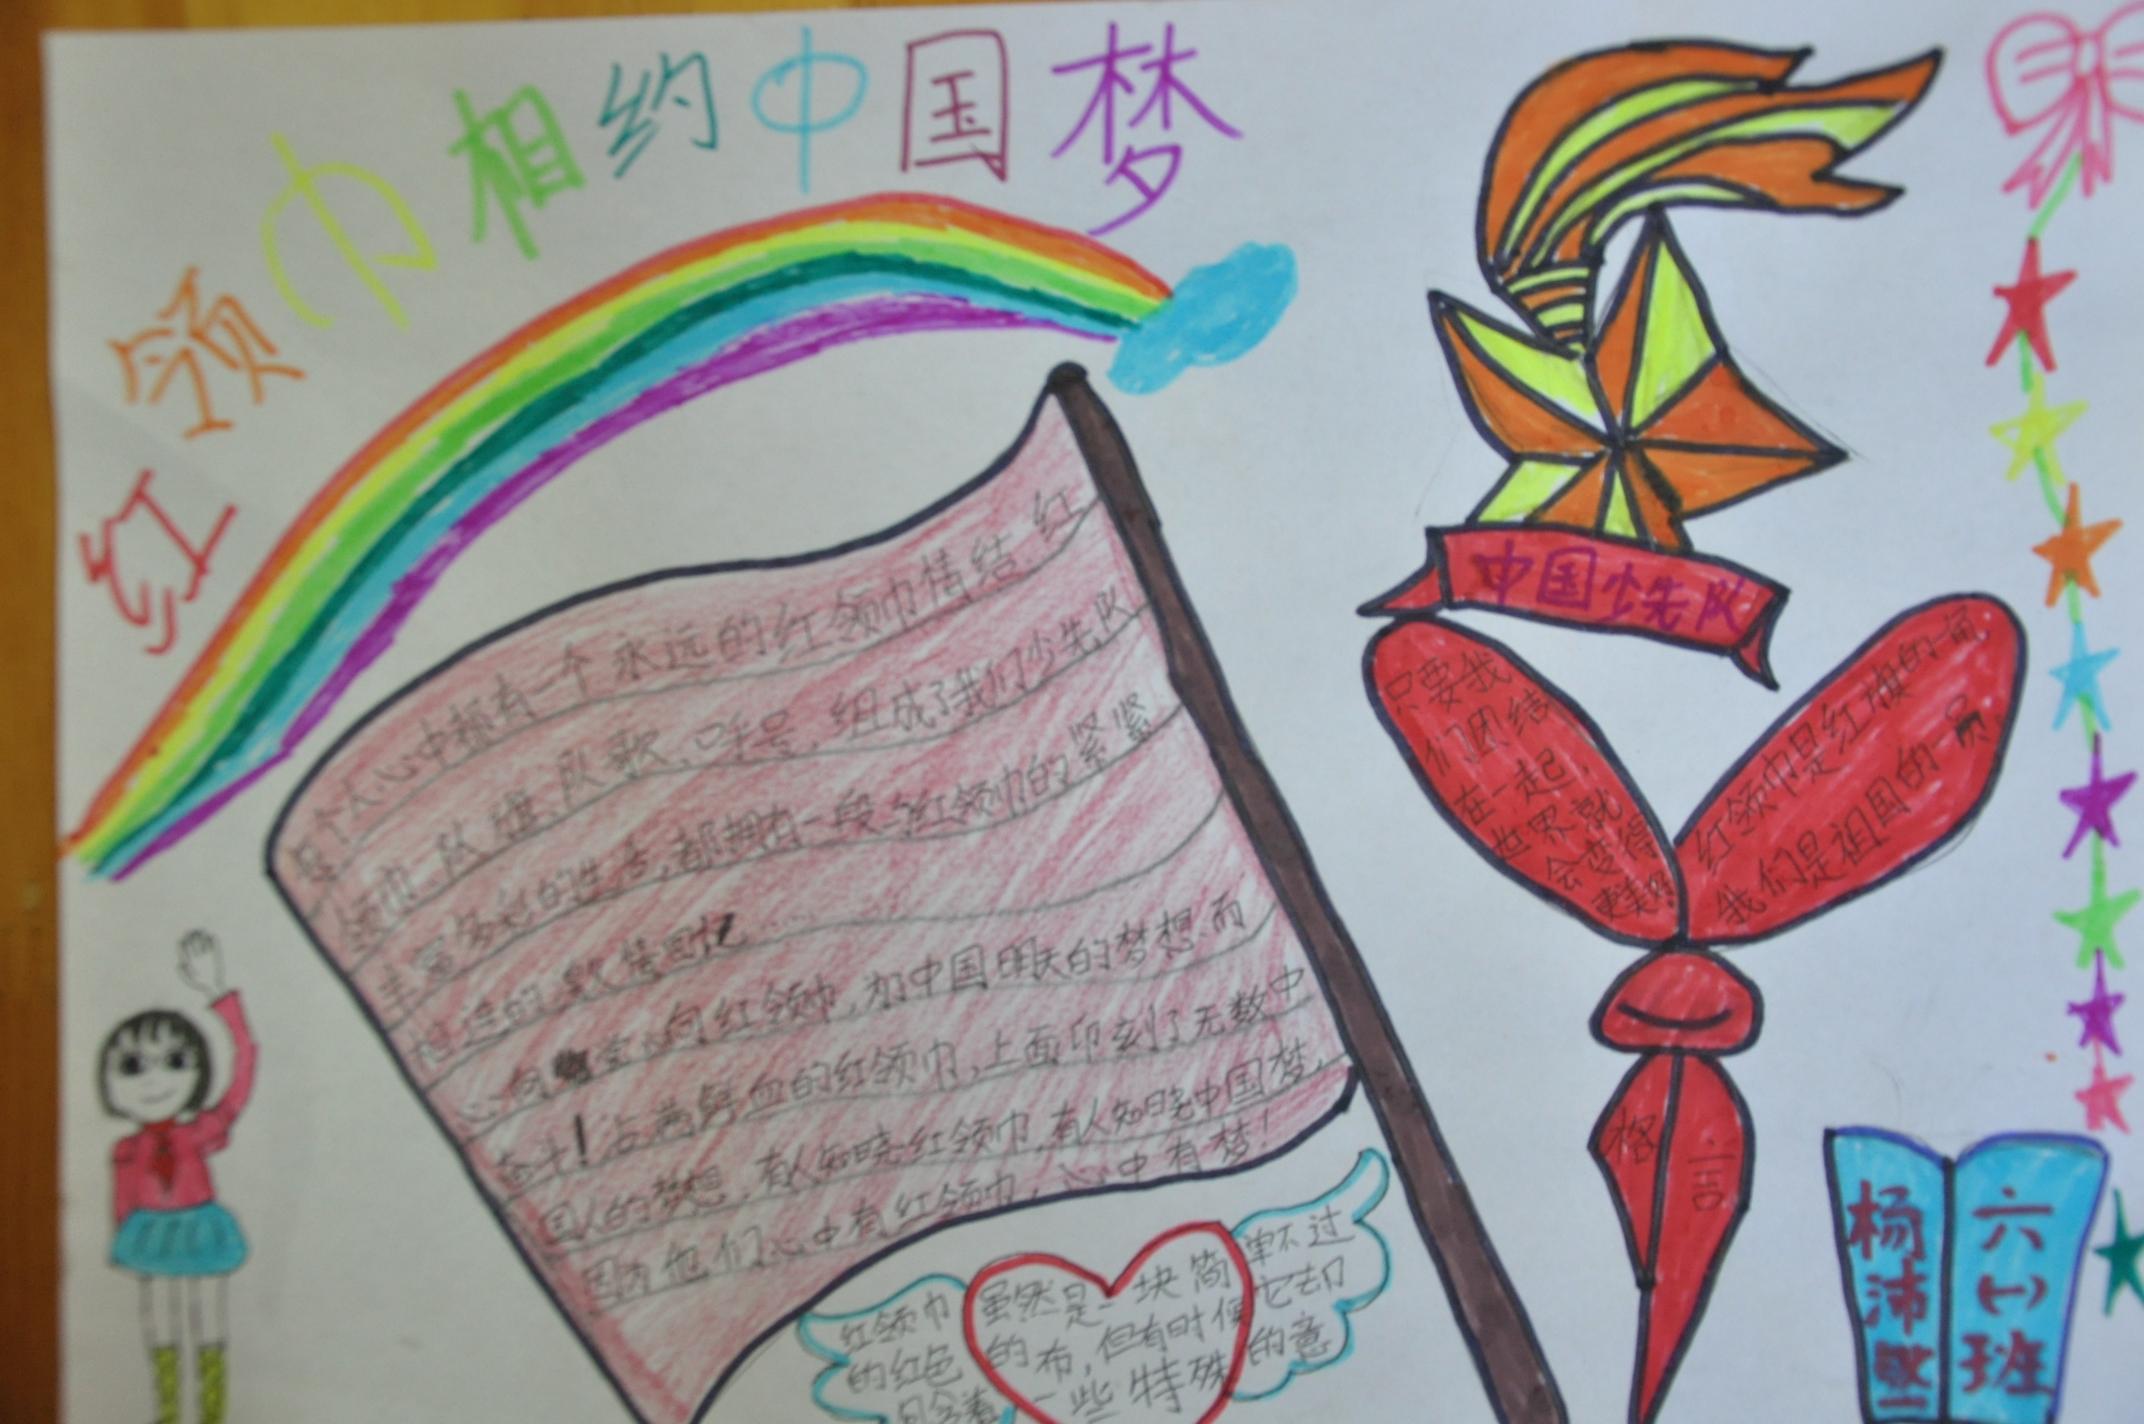 学生手抄报 - 红领巾相约中国梦动态上传 - 活动 - 网